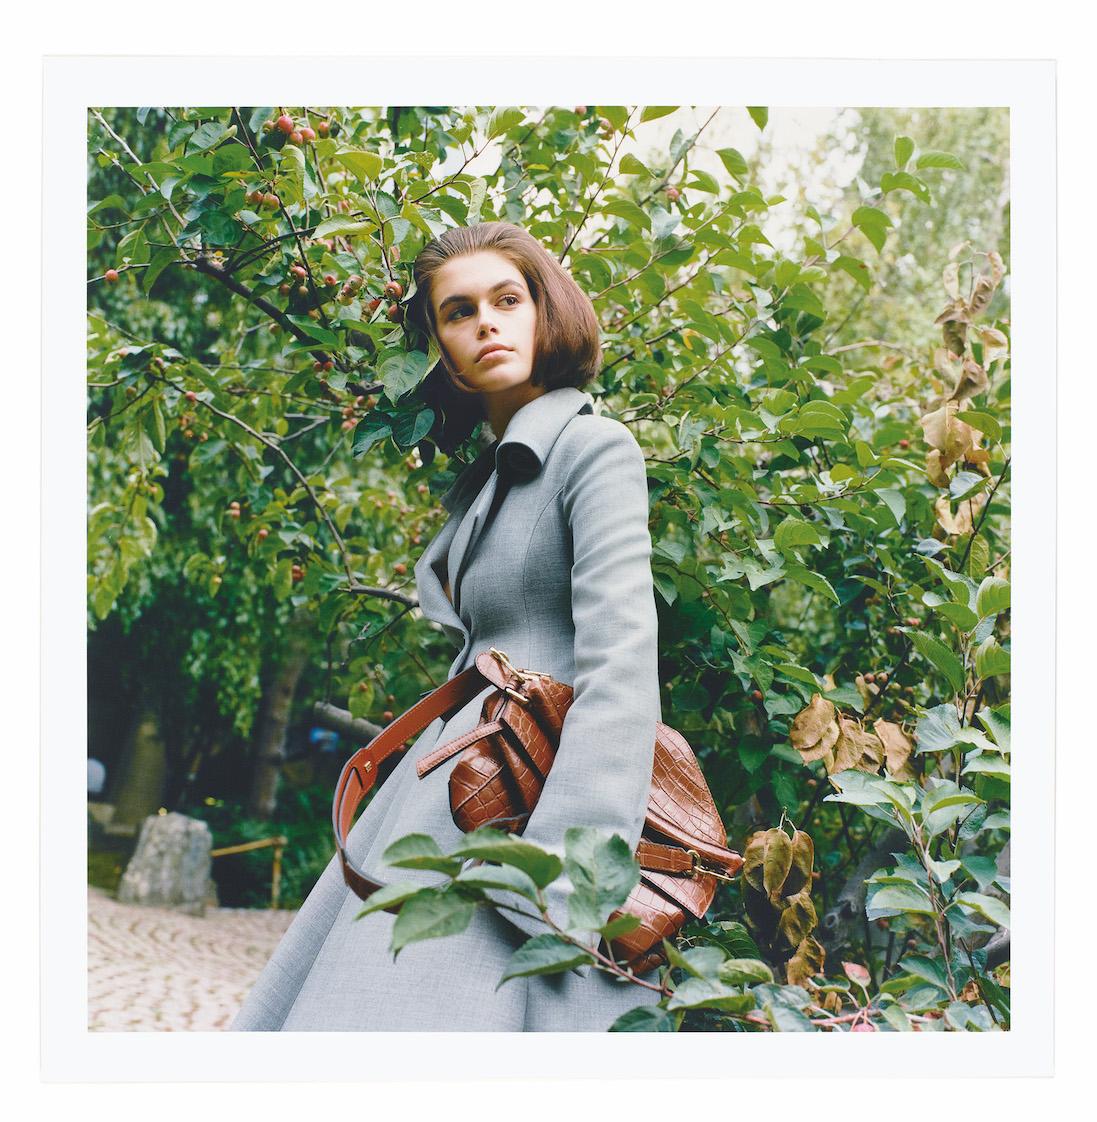 kaia gerber chụp hình cho thương hiệu thời trang loewe bởi fumiko imano